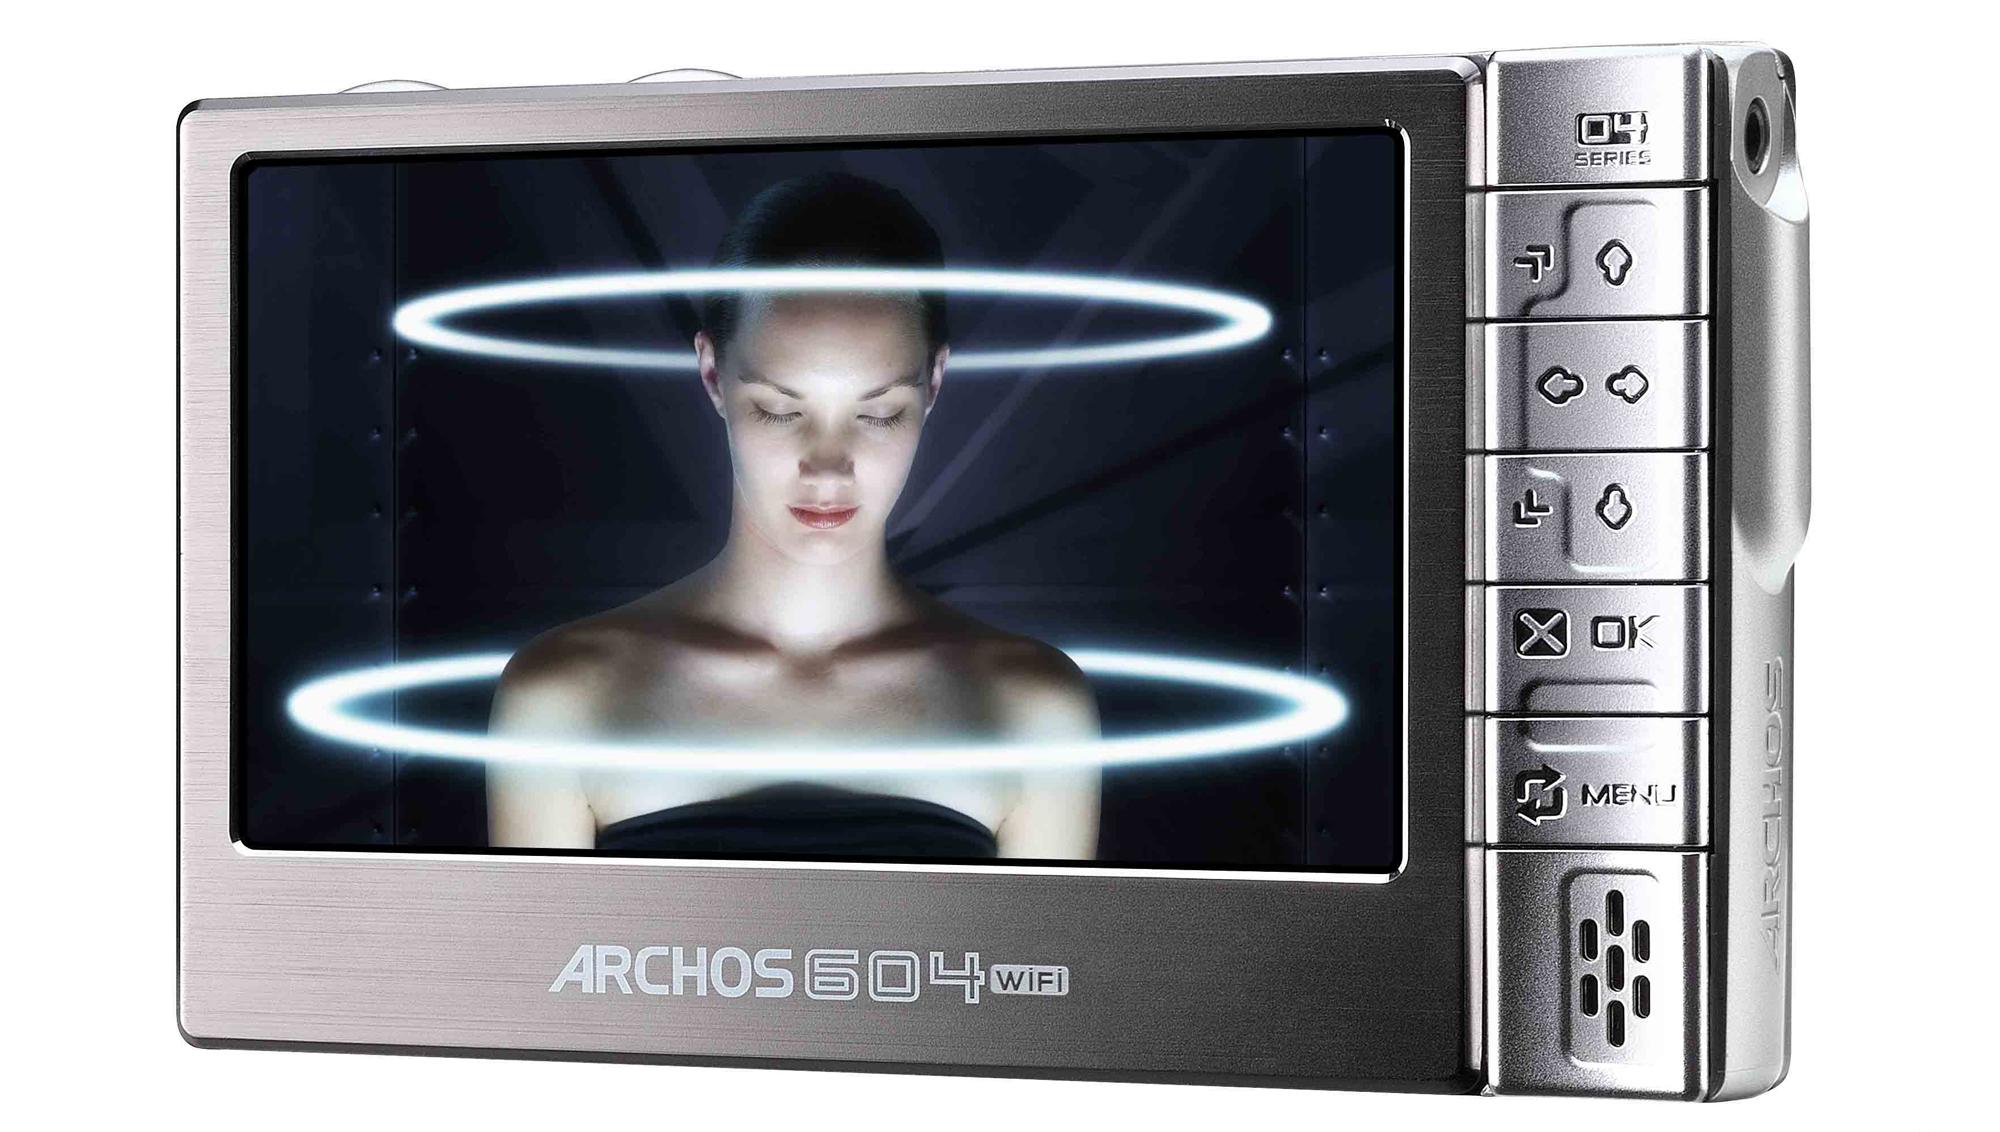 FØLSOMT: Archos 604 har trykkfølsom skjerm og spesialdesignet nettleser fra norske Opera.